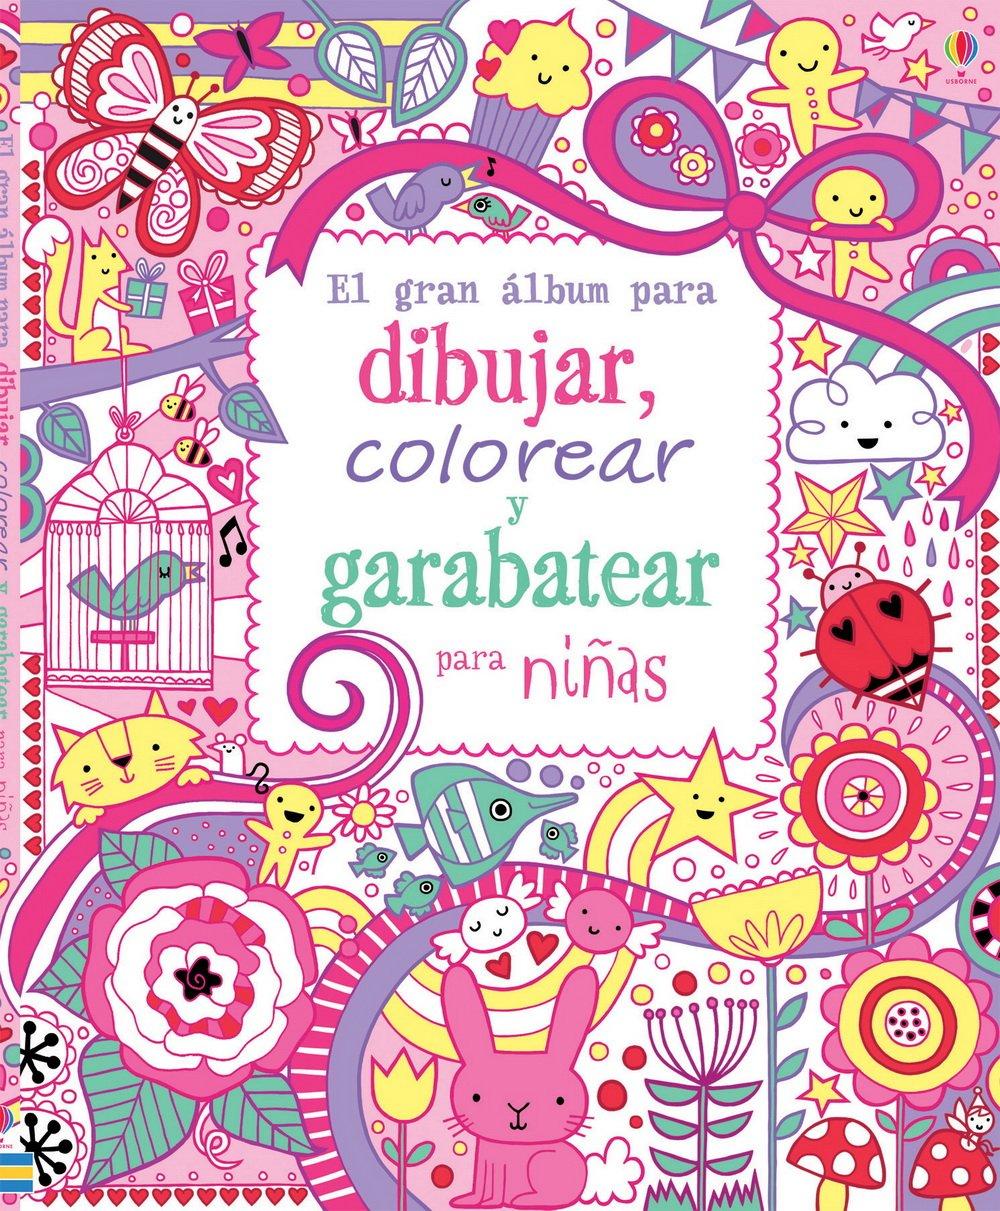 El Gran Álbum Para Dibujar, Colorear Y Garabatear Para Niñas: Amazon ...